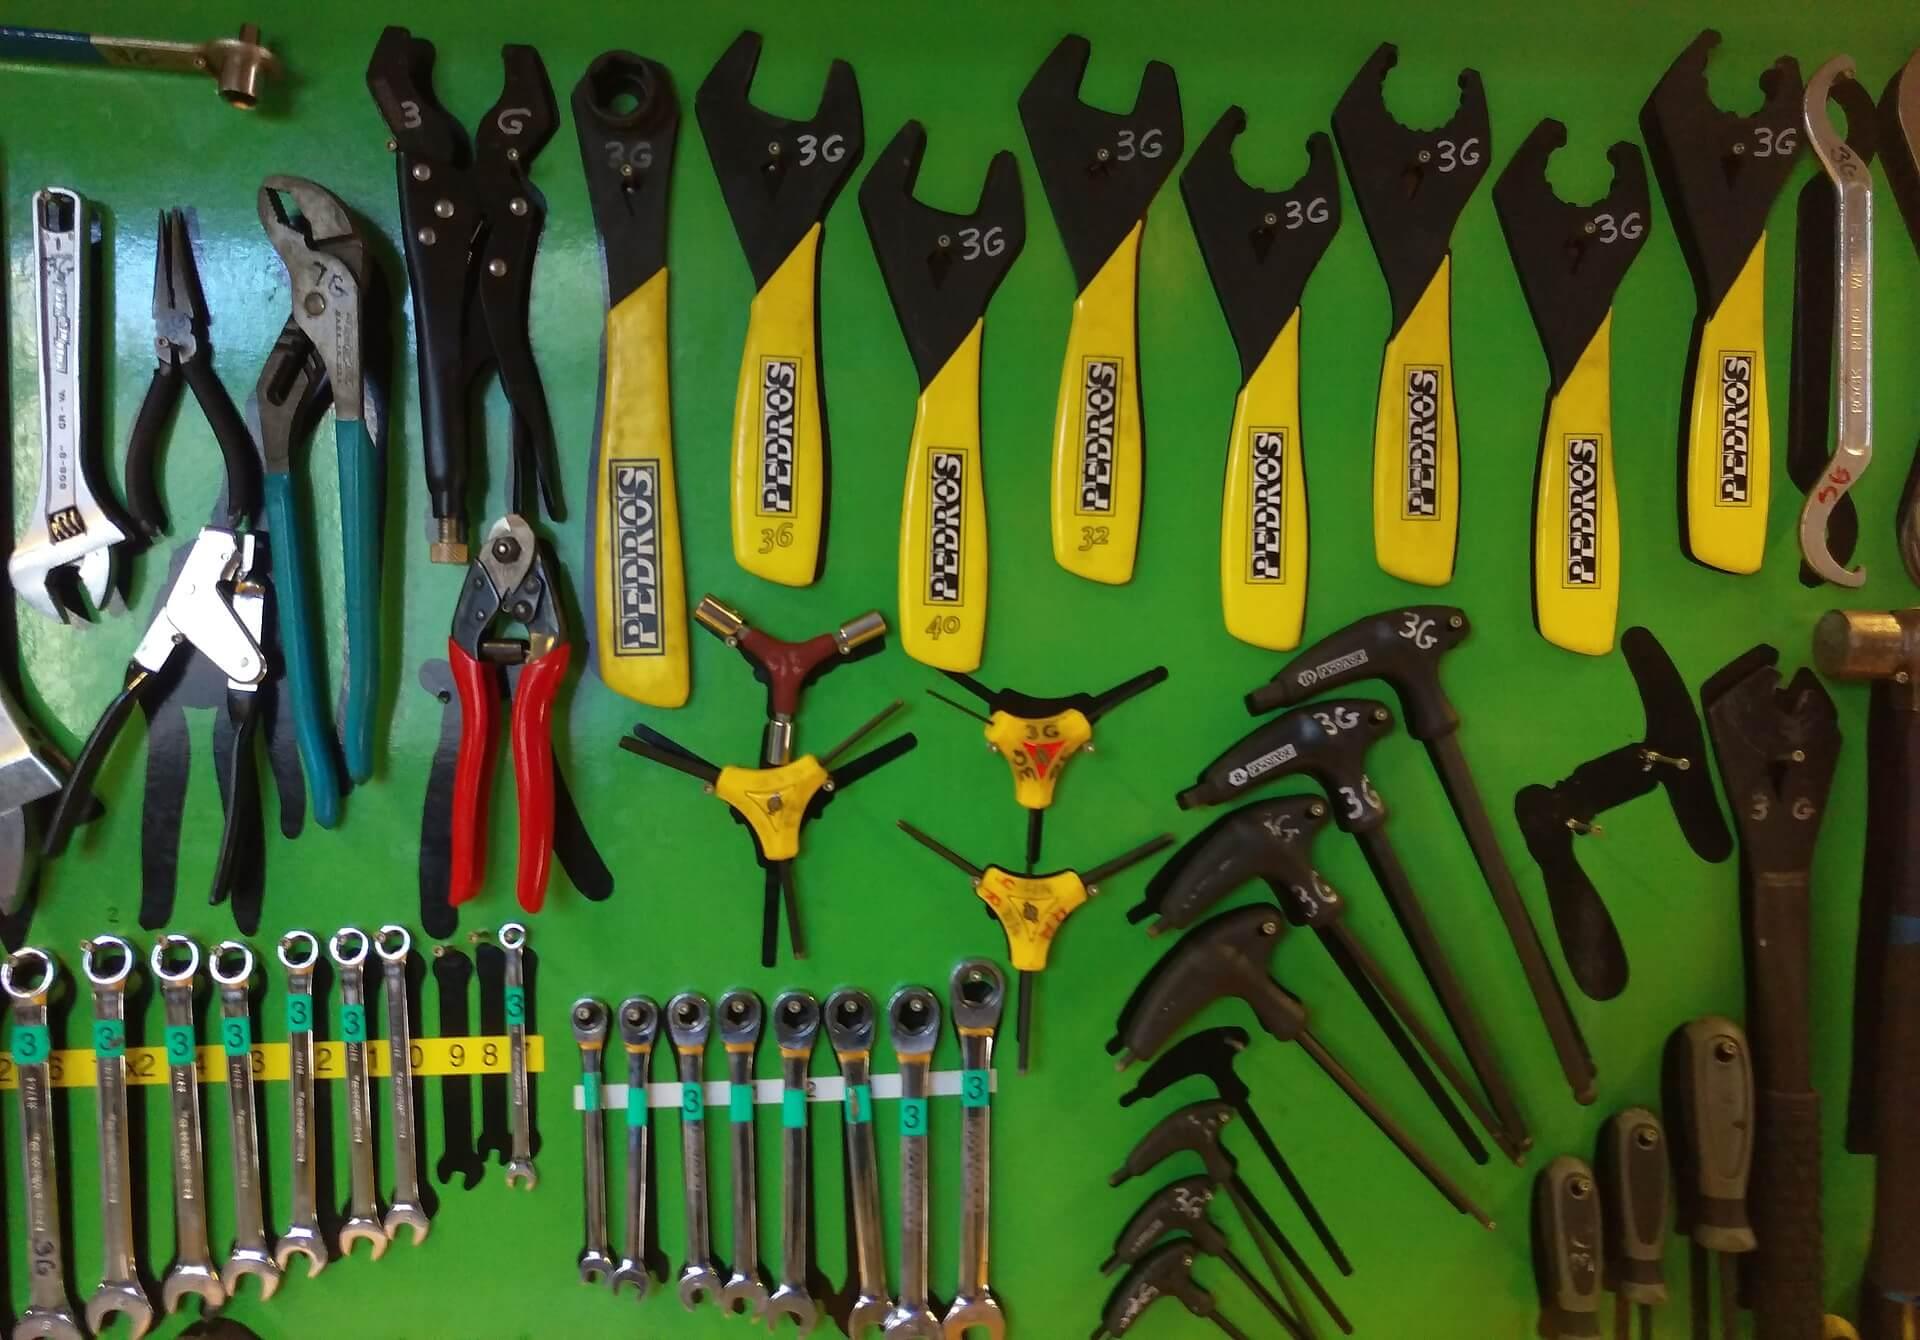 Niezbędnik rowerzysty - jakie narzędzia warto posiadać?